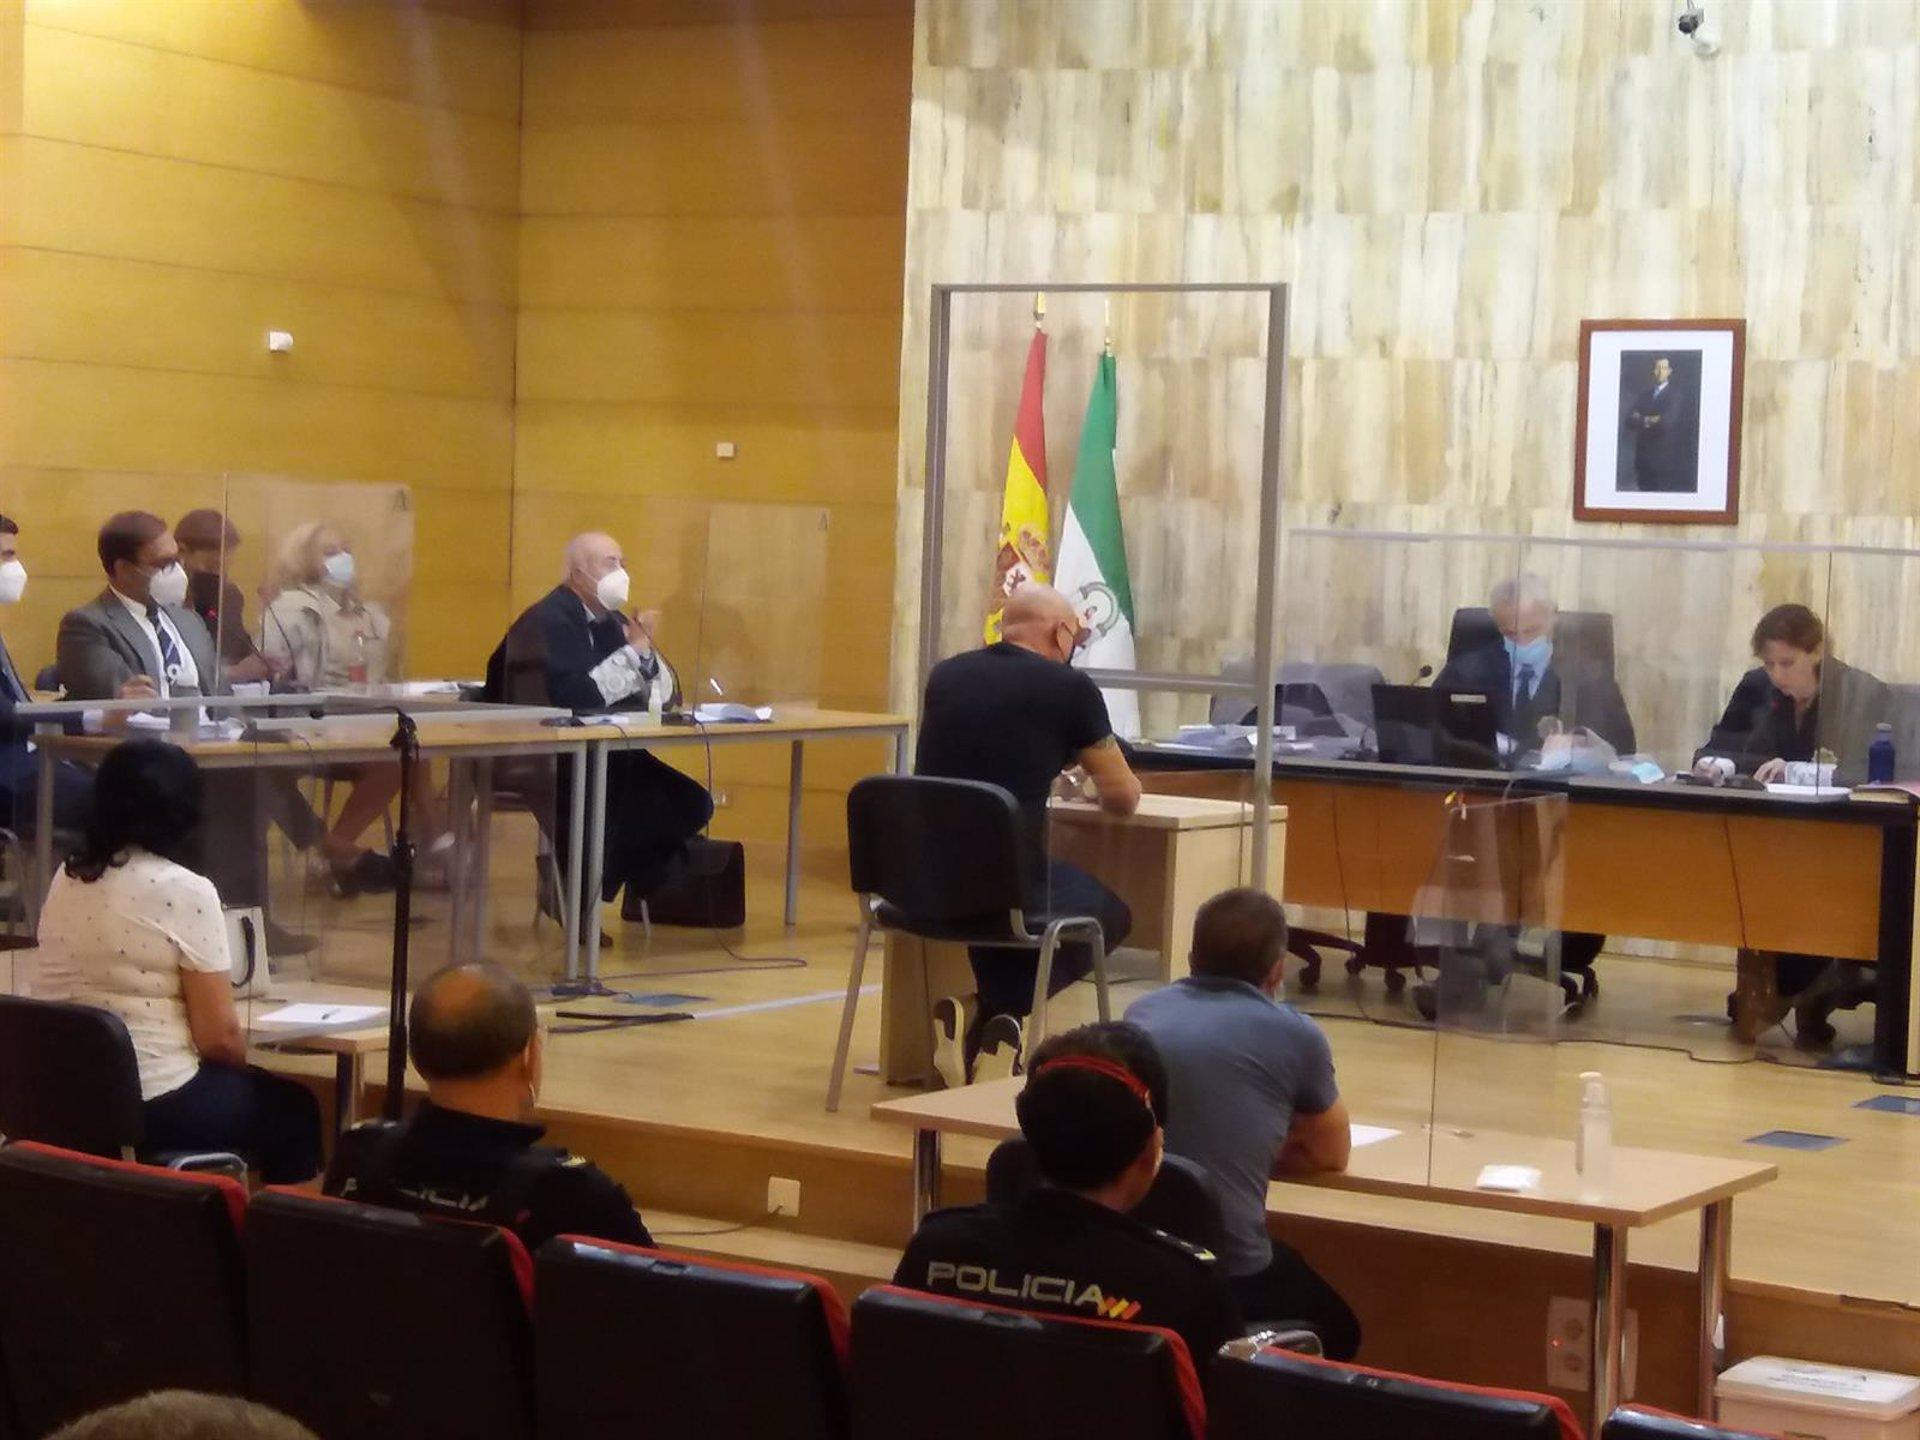 Mantienen la petición de 25 años de prisión al acusado de matar a su ex mujer en Maracena